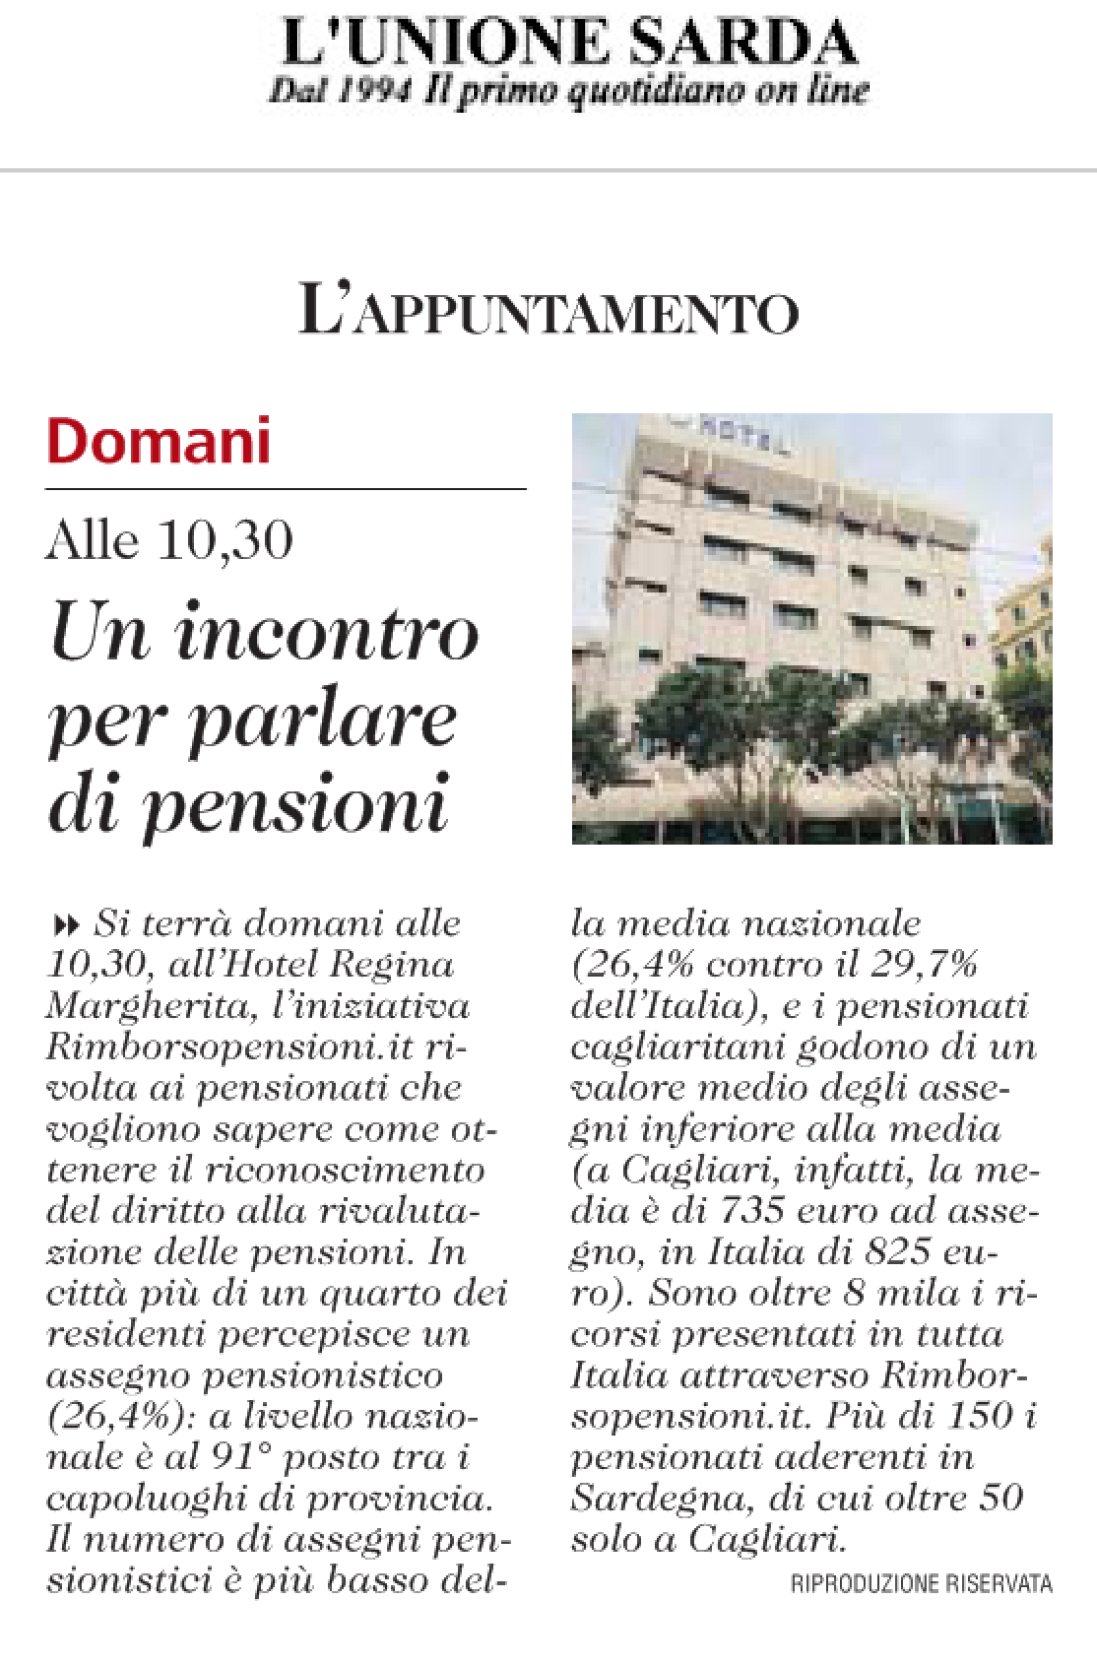 Articolo pensioni Unione Sarda